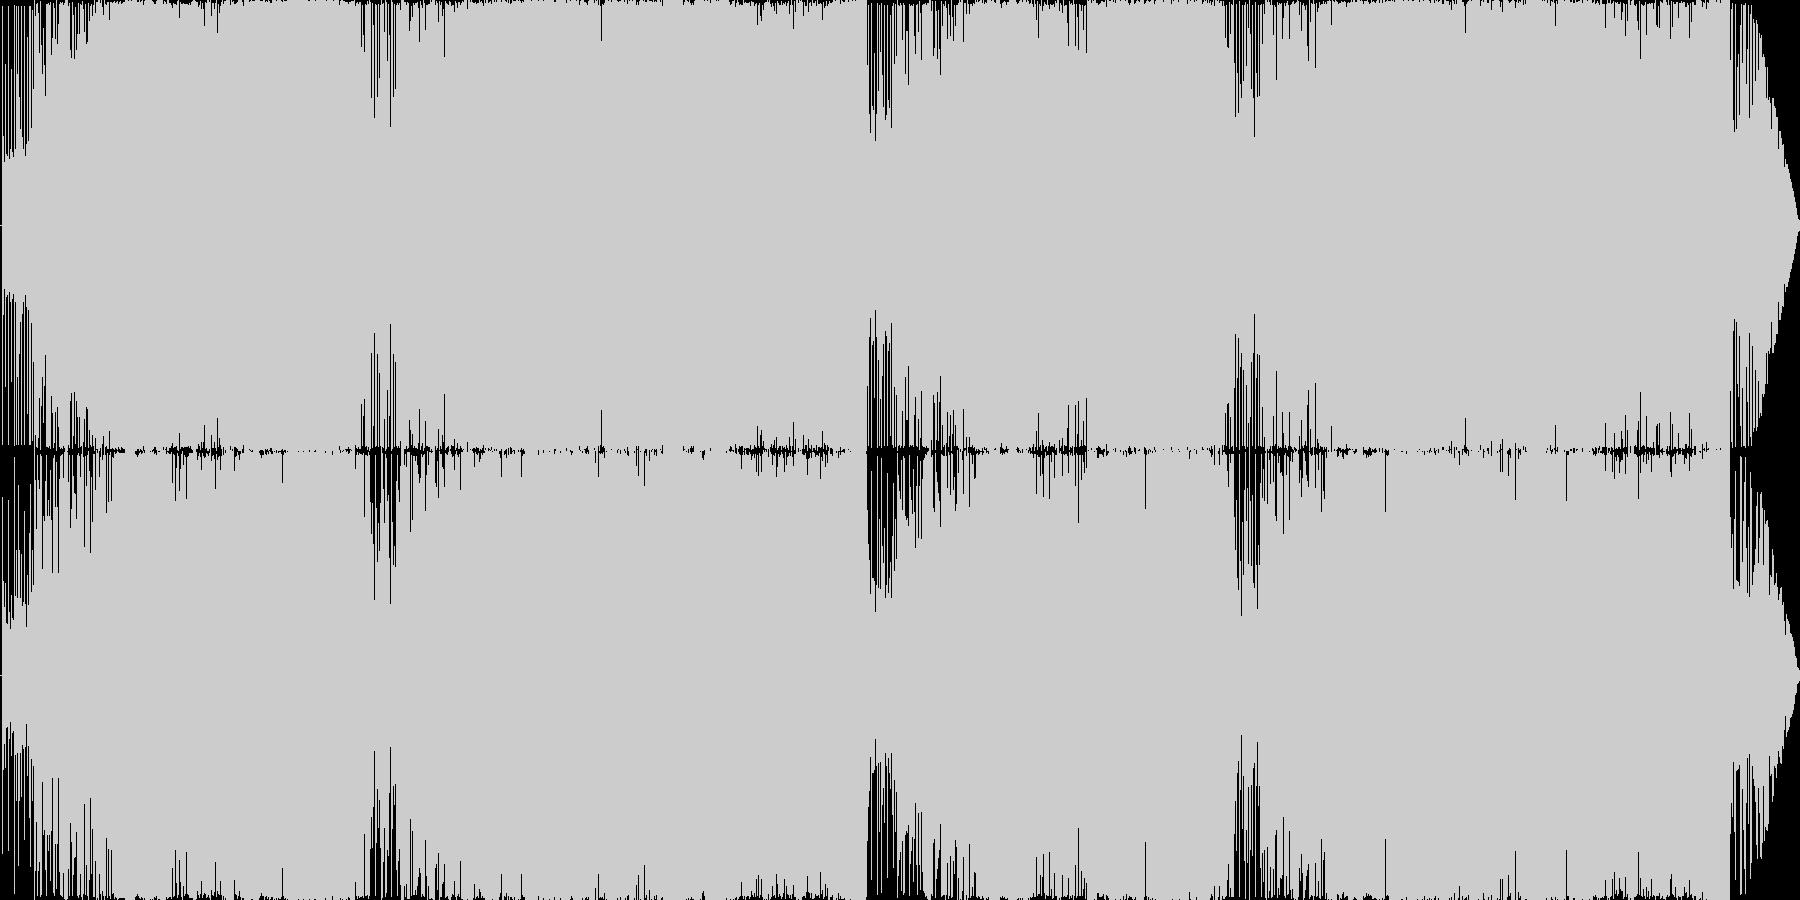 SRPG/バトル/戦闘/勇壮の未再生の波形